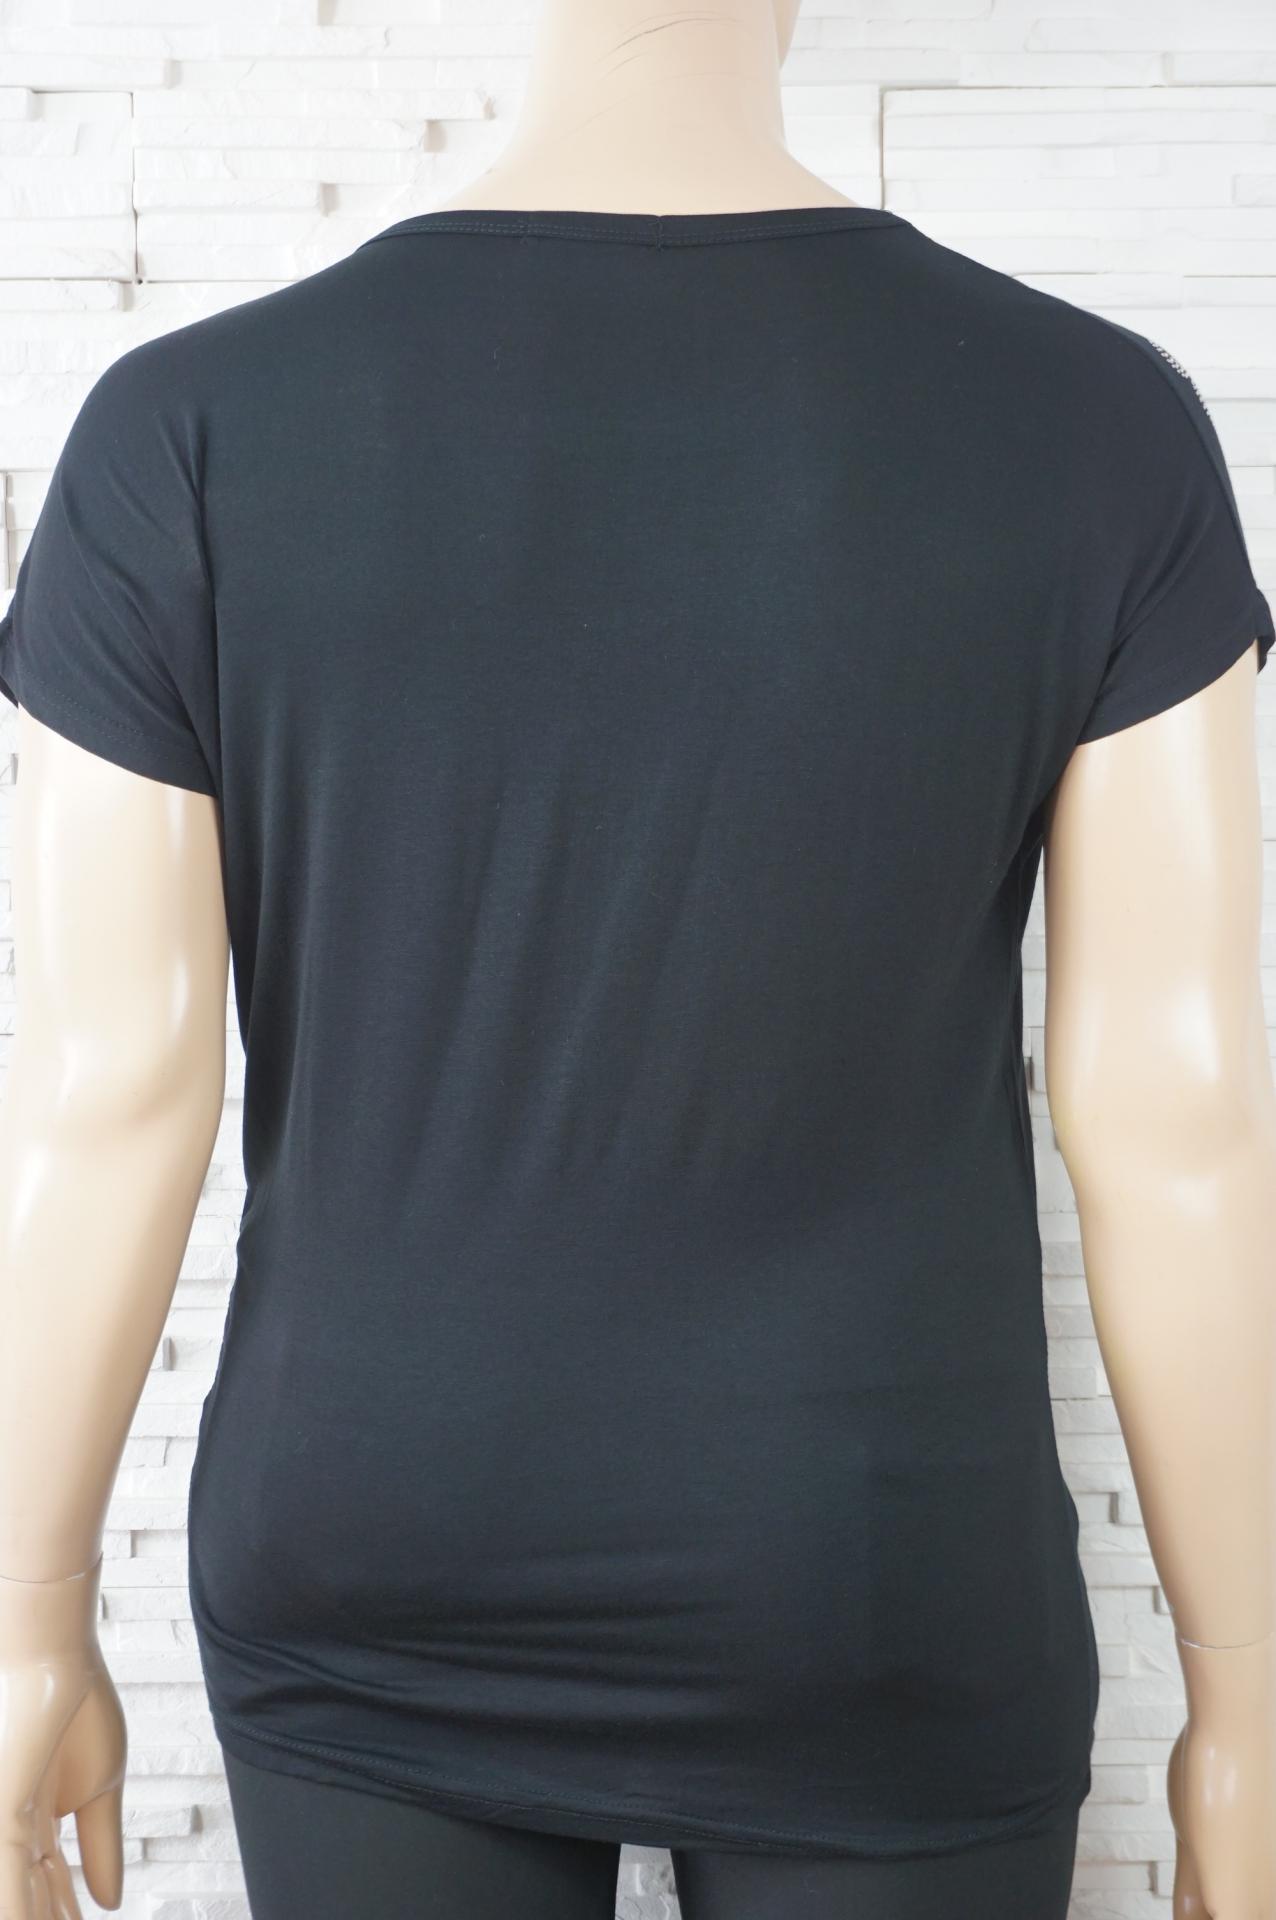 Tee shirt a strass3